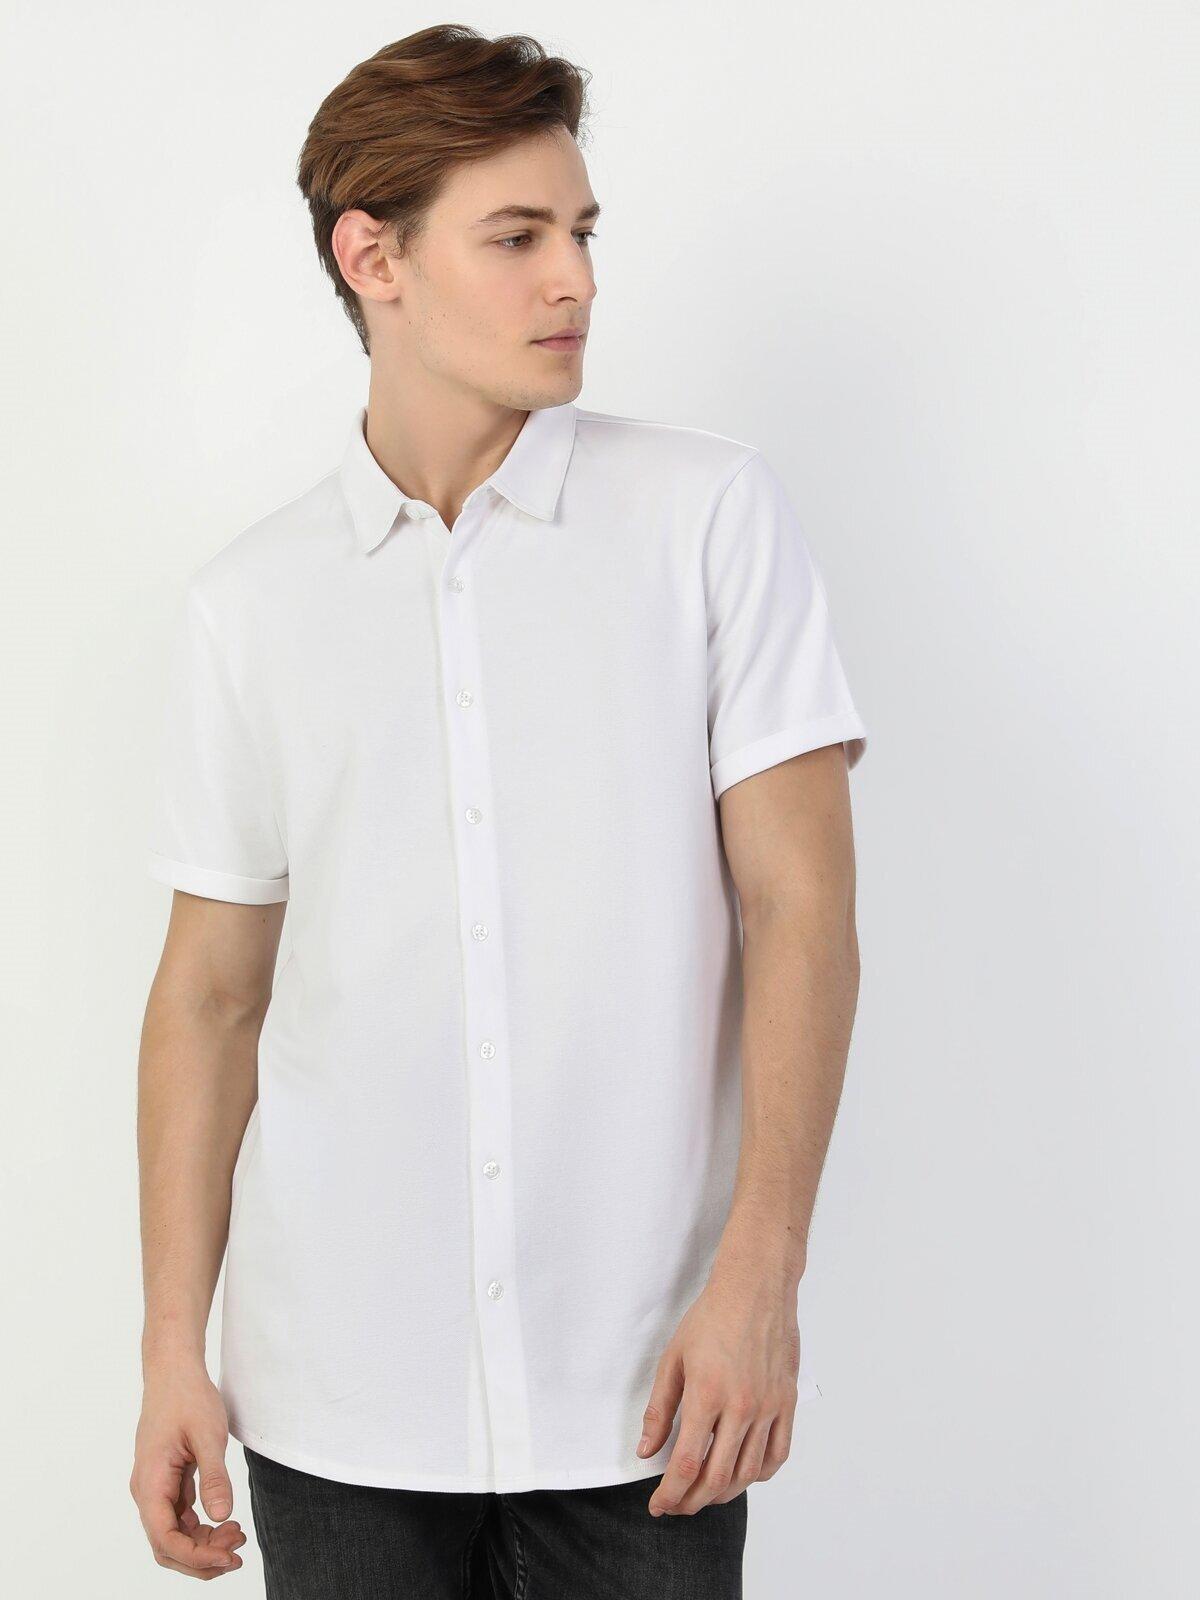 Показать информацию о Мужская футболка-поло slim fit CL1047568